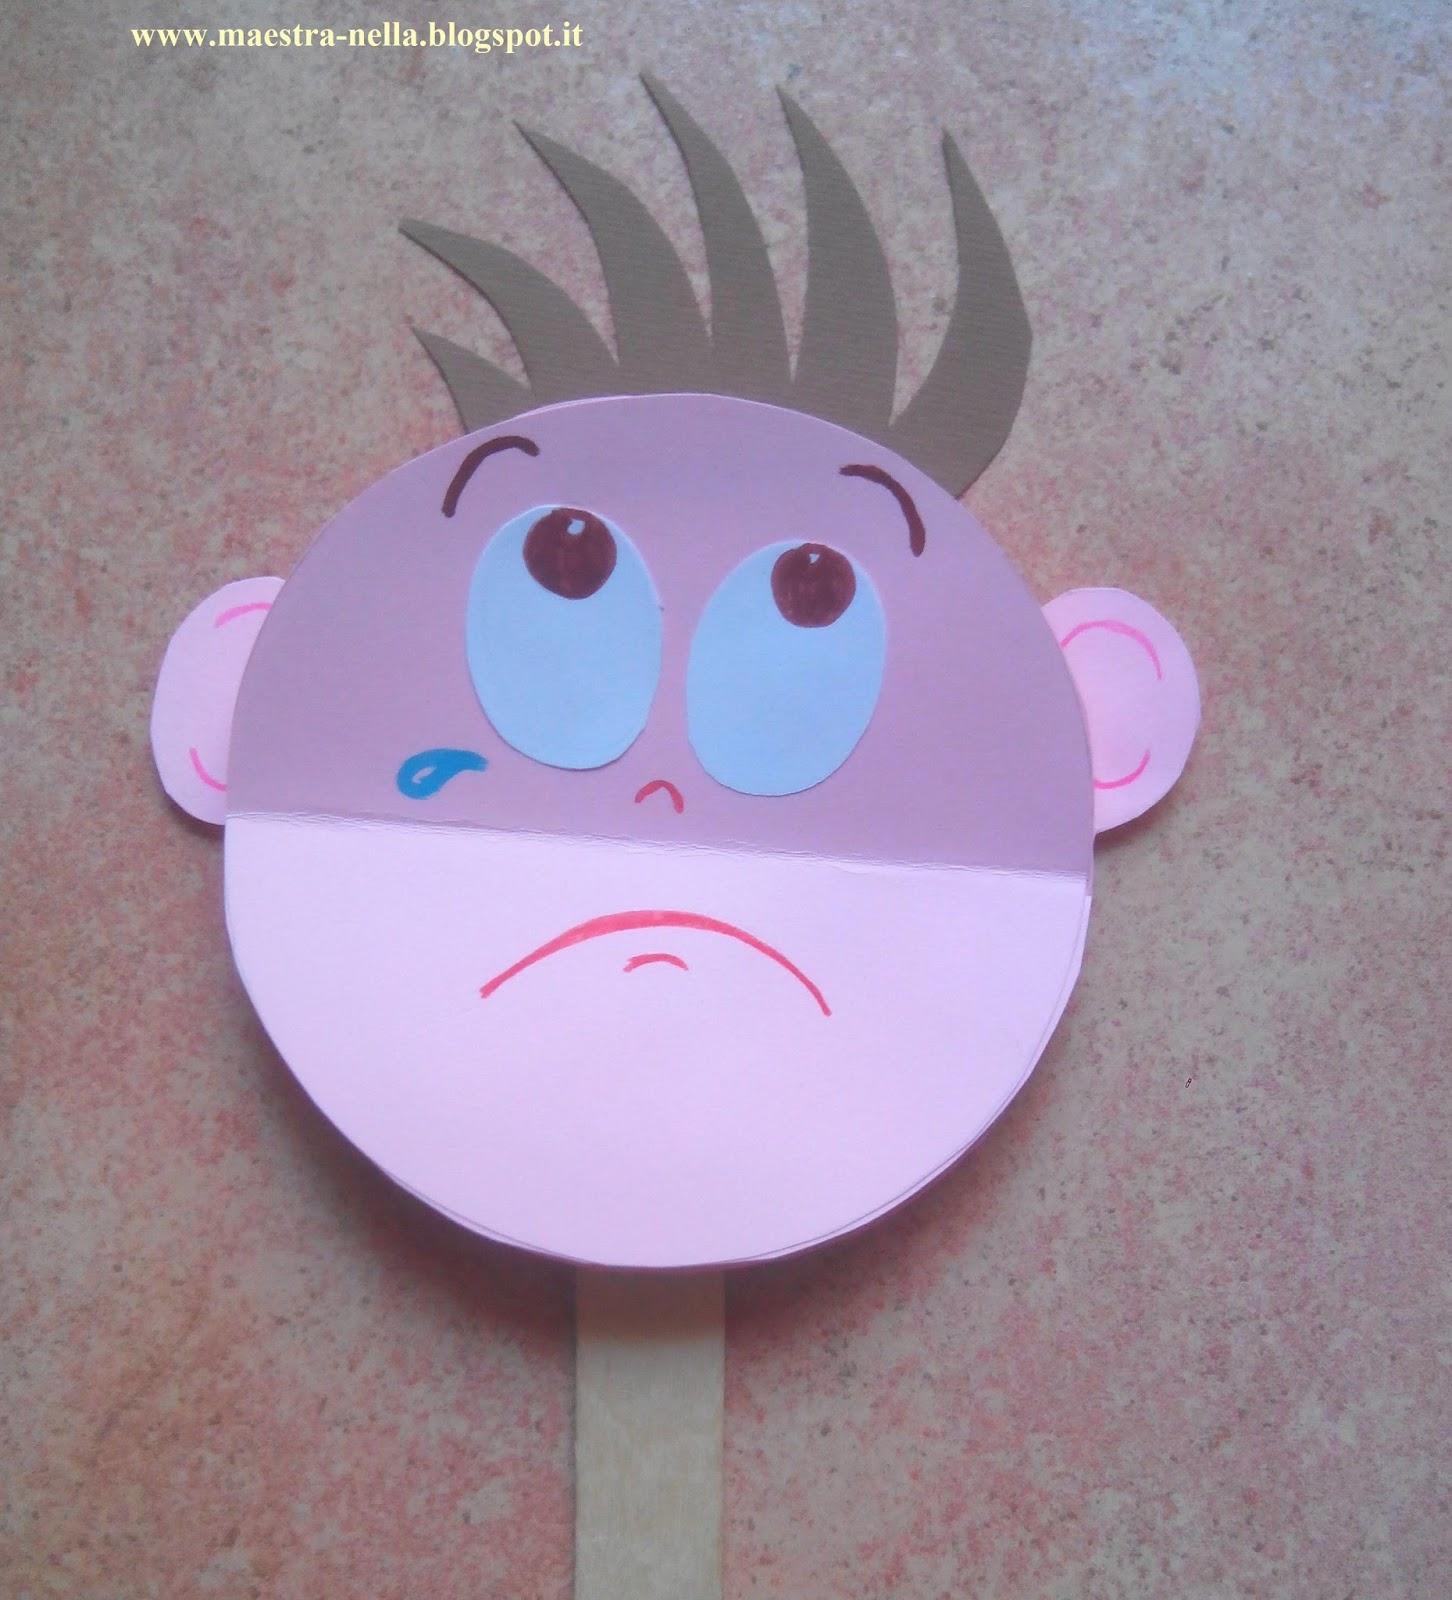 Popolare maestra Nella: La paletta delle emozioni DQ89